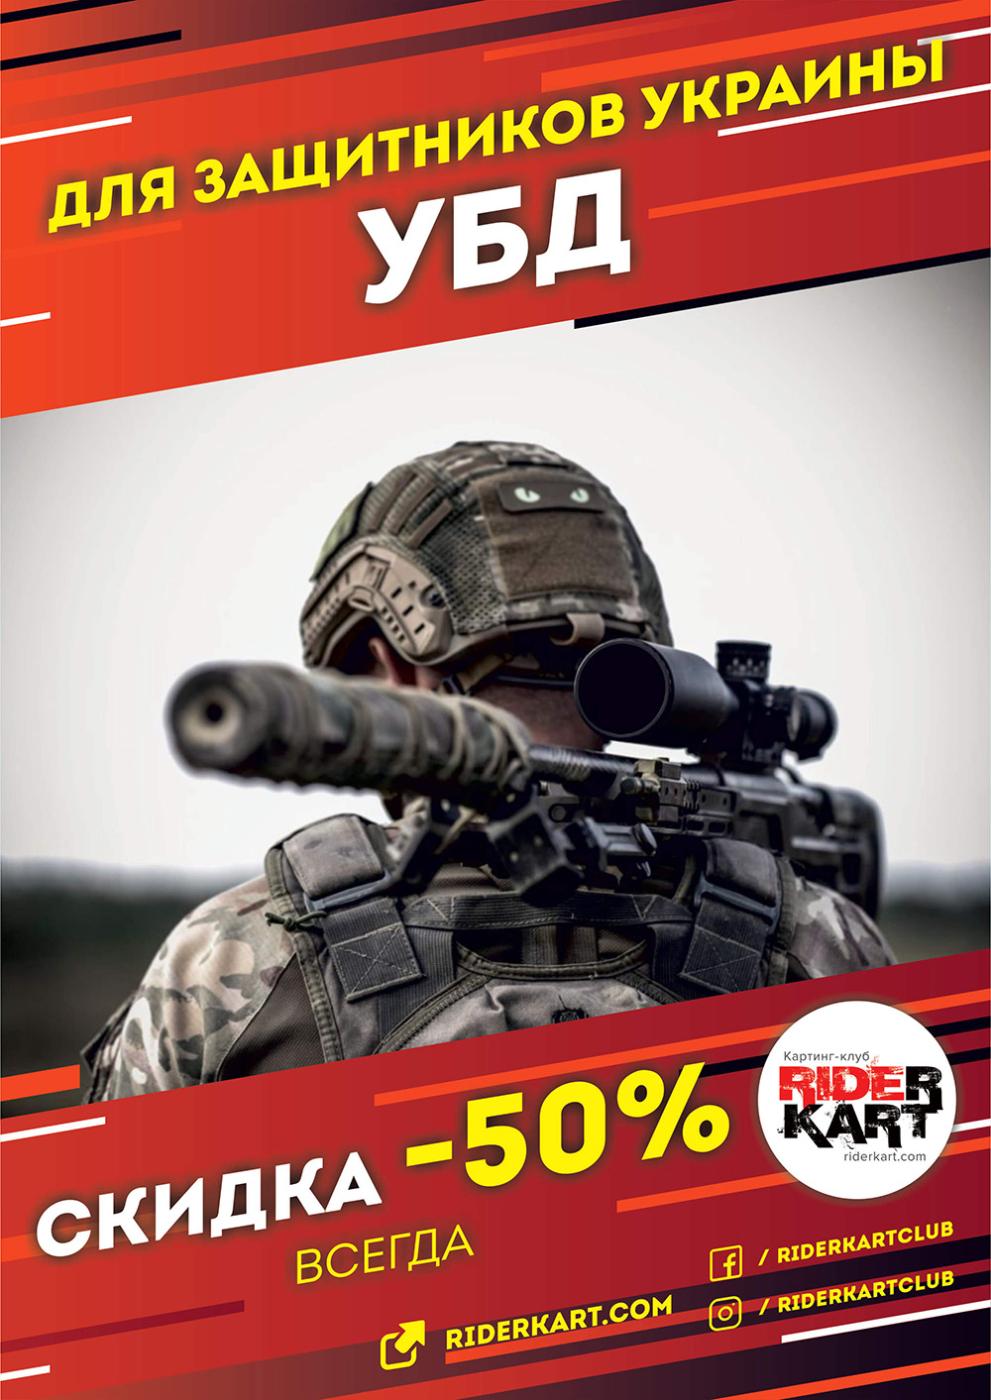 Для защитников Украины заезд на картингах -50%